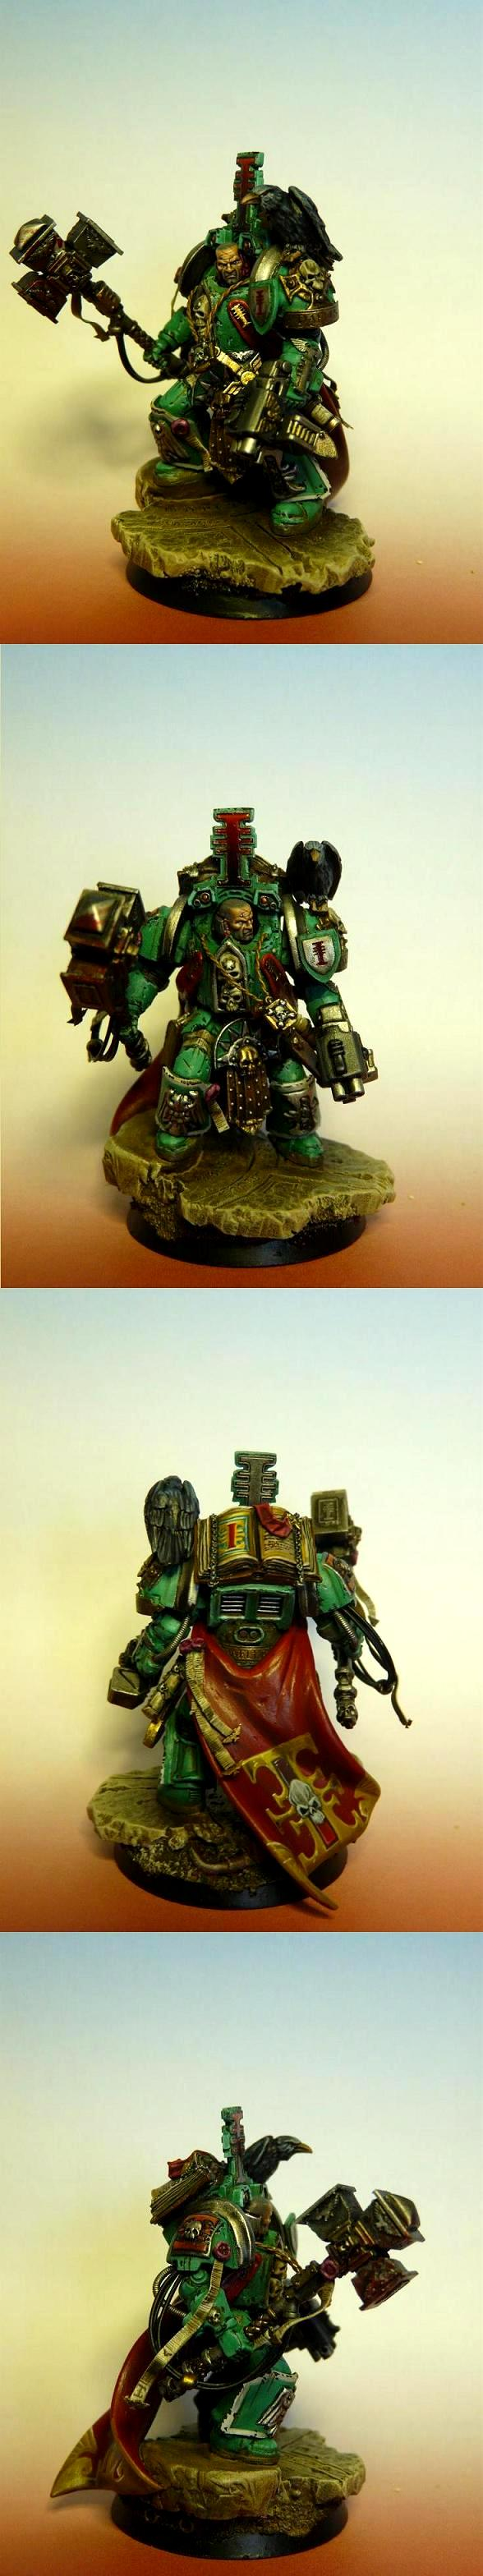 Inquisition, Inquisitor, Ordo Malleus, Terminator Armor, Warhammer 40,000